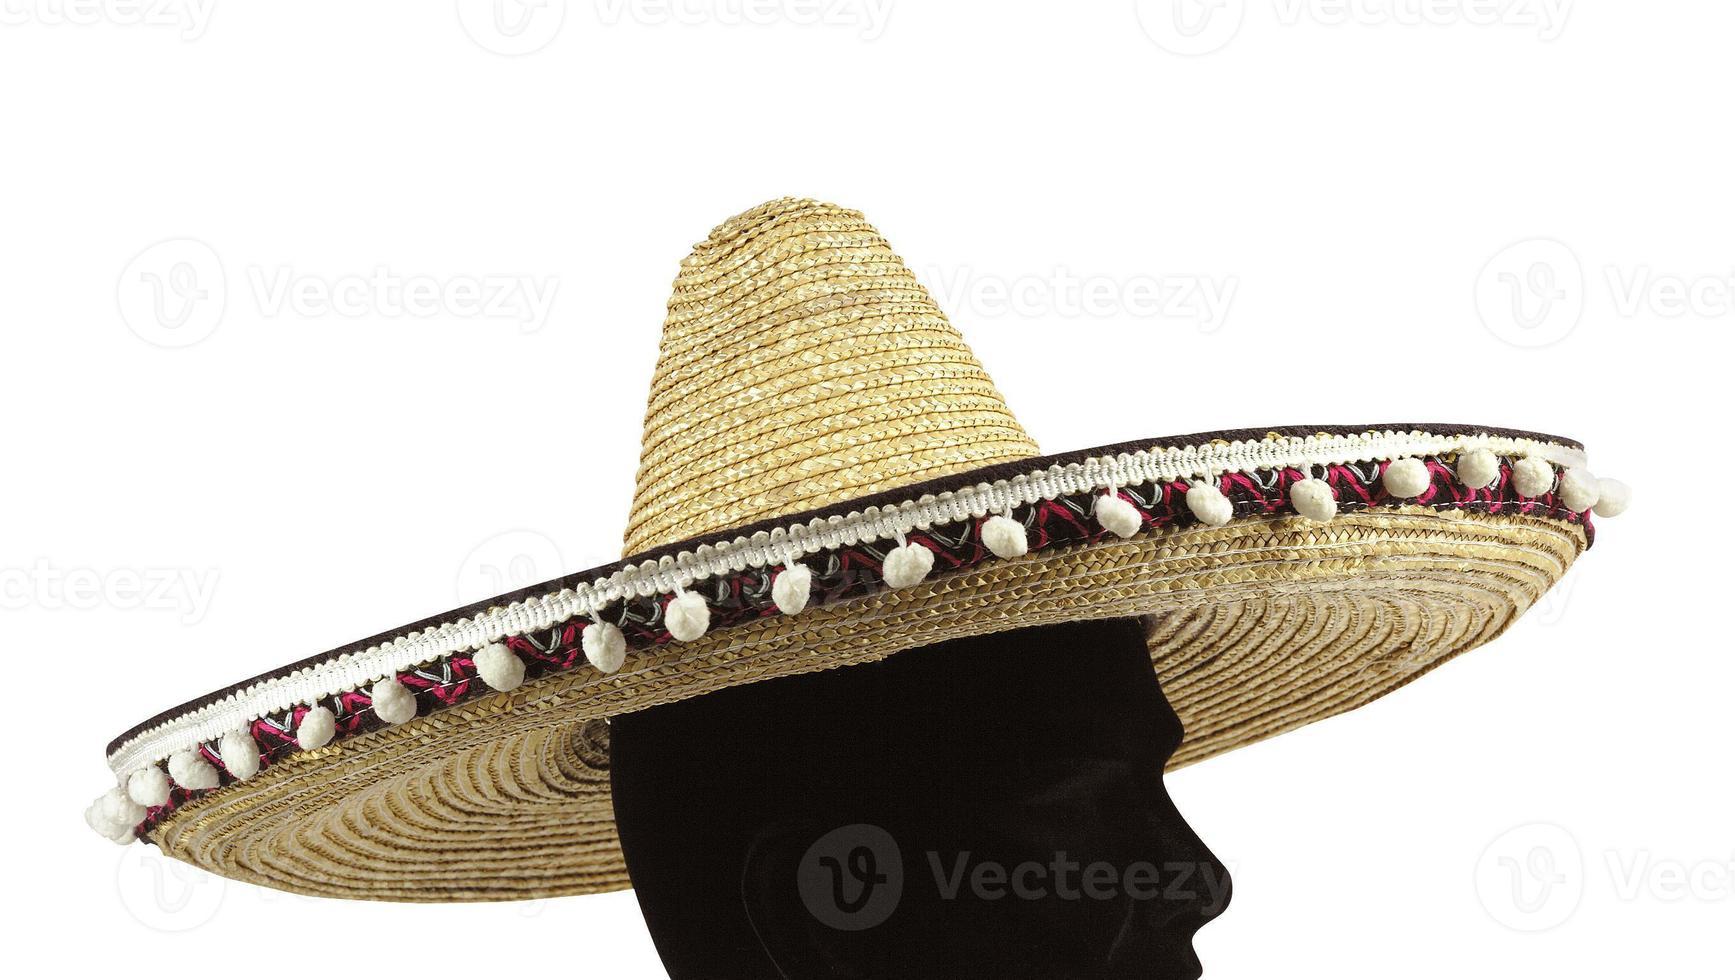 Sombrero hat photo